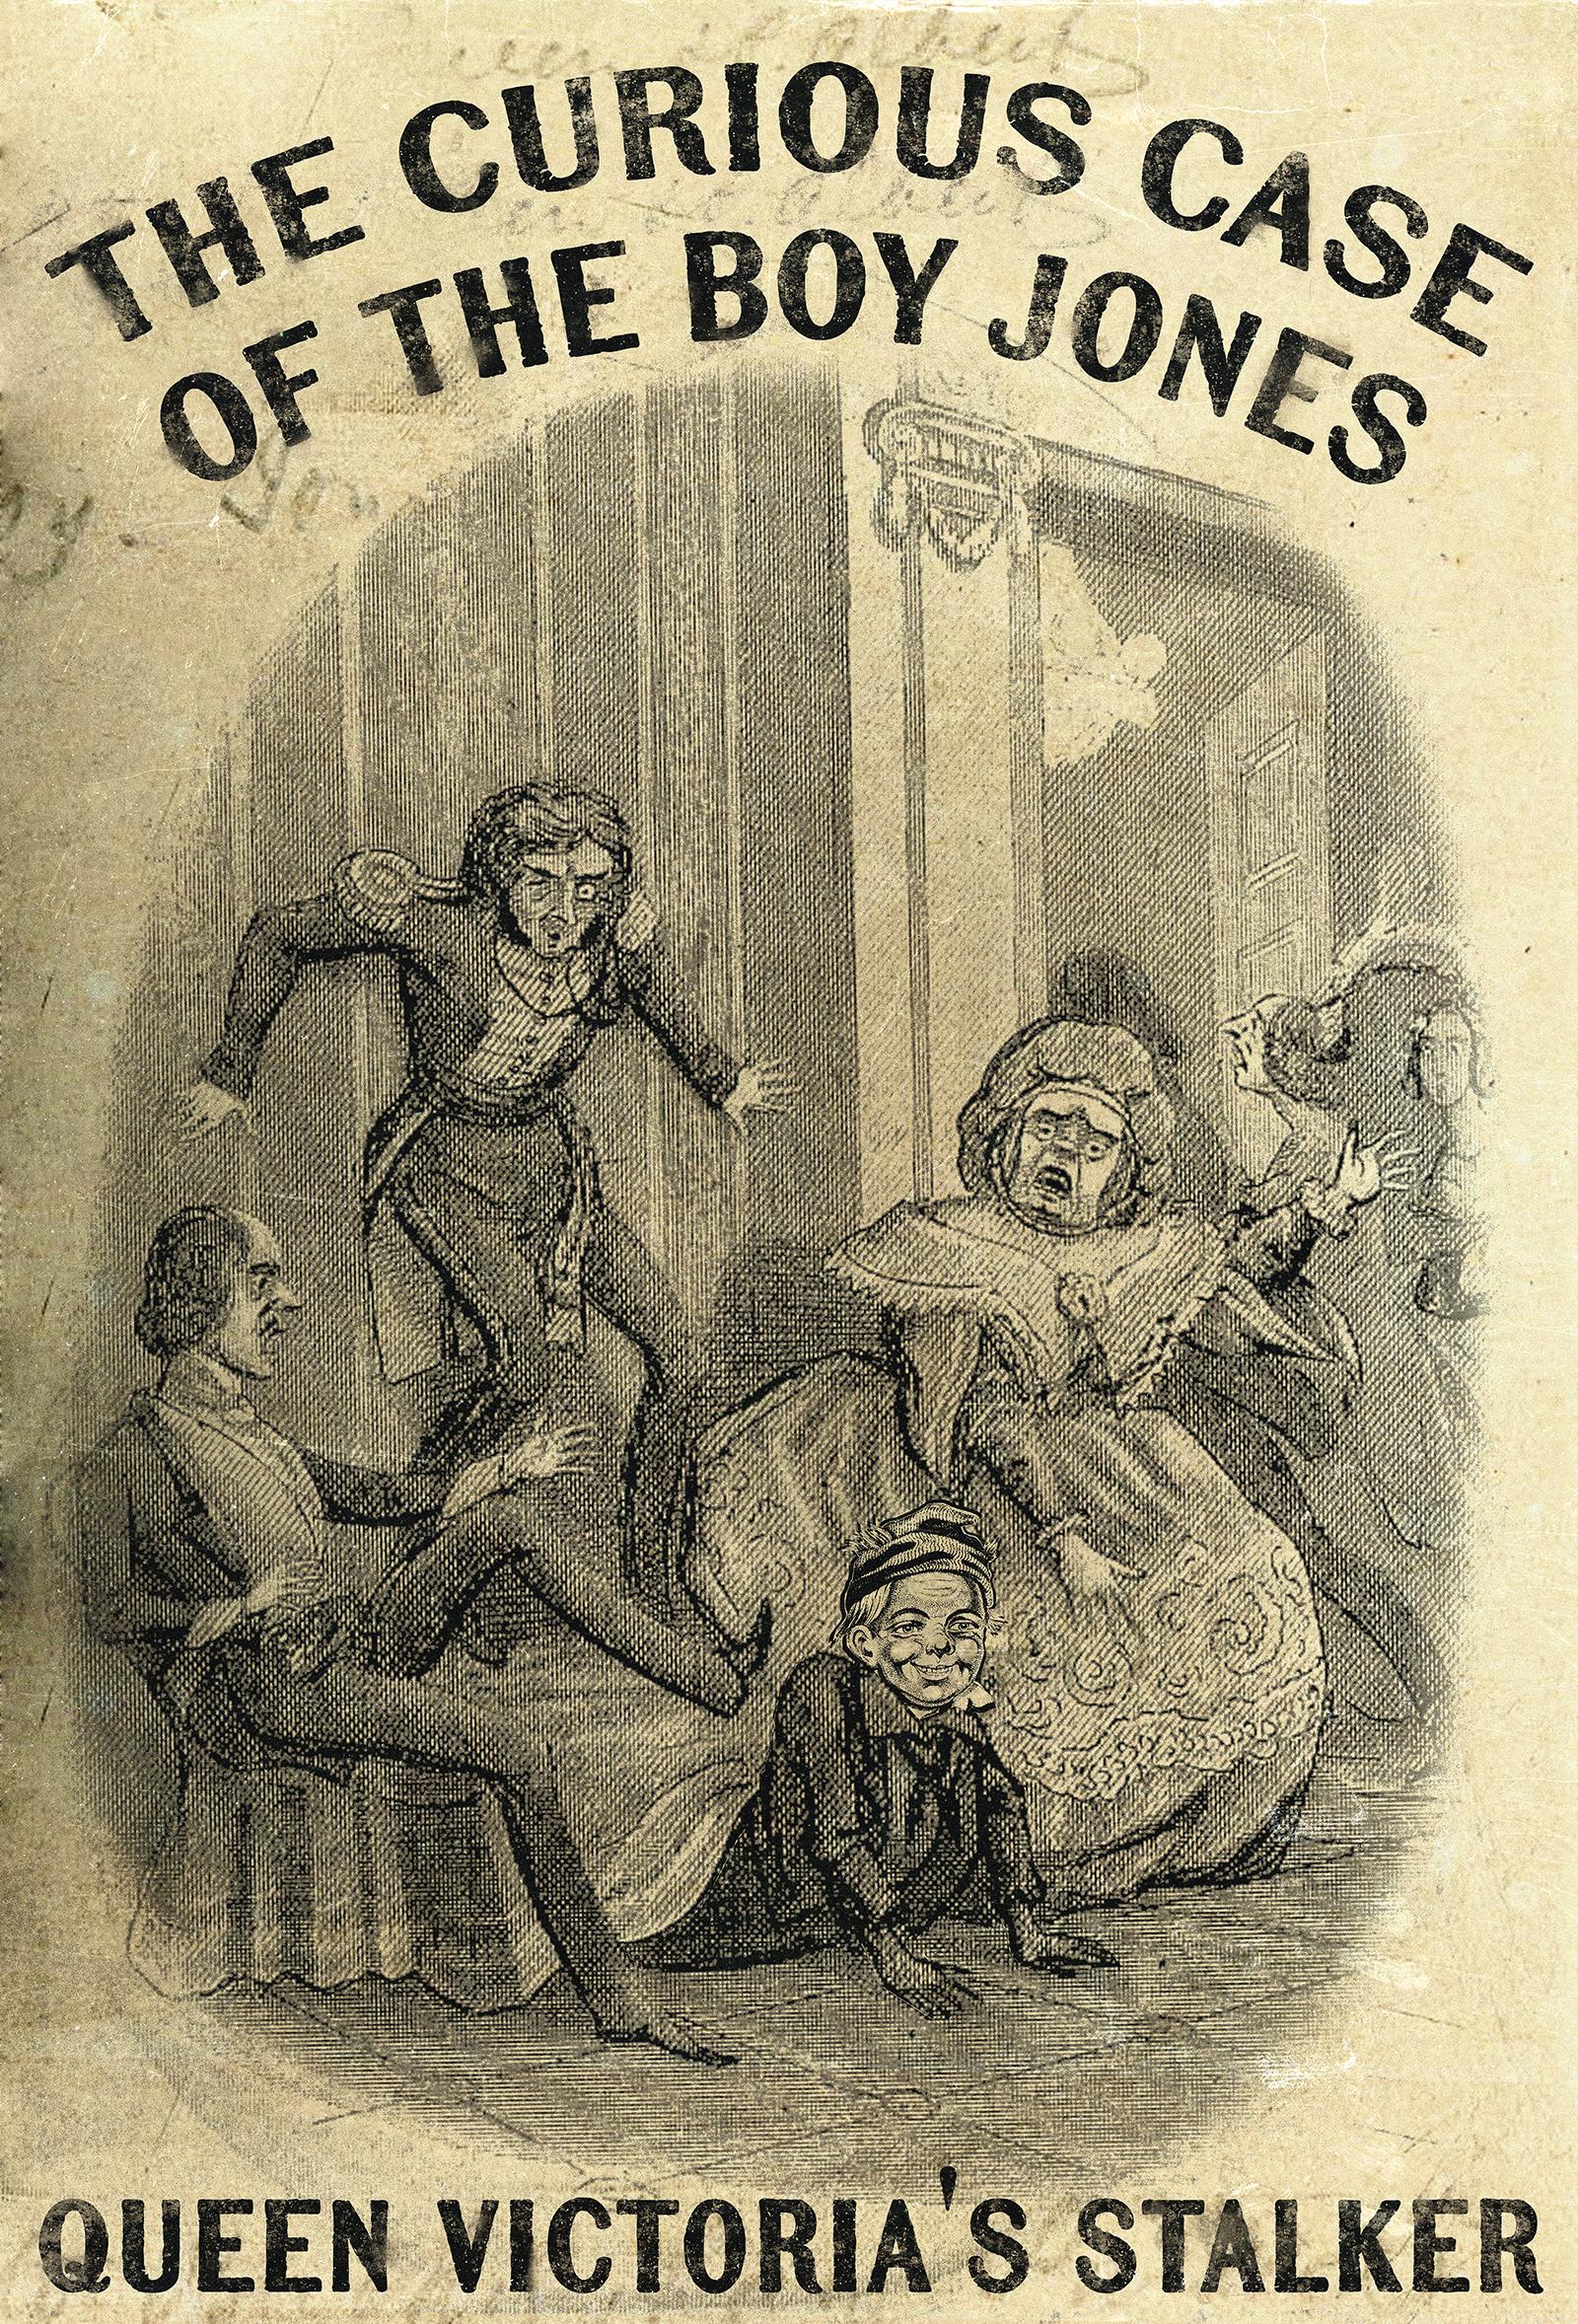 boy jones poster 1